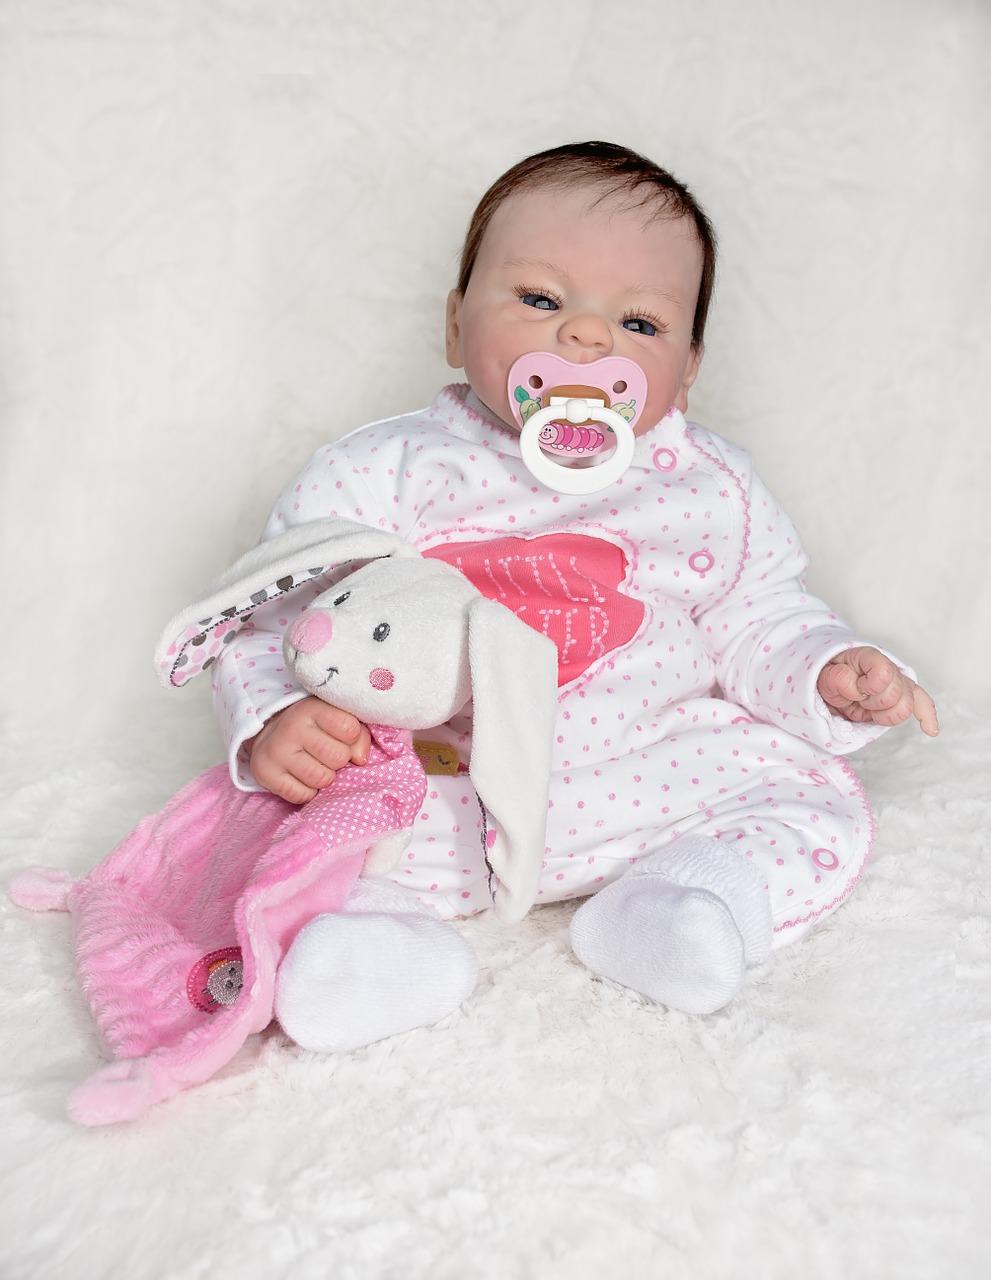 Cette poupée reborn a un doudou rose.